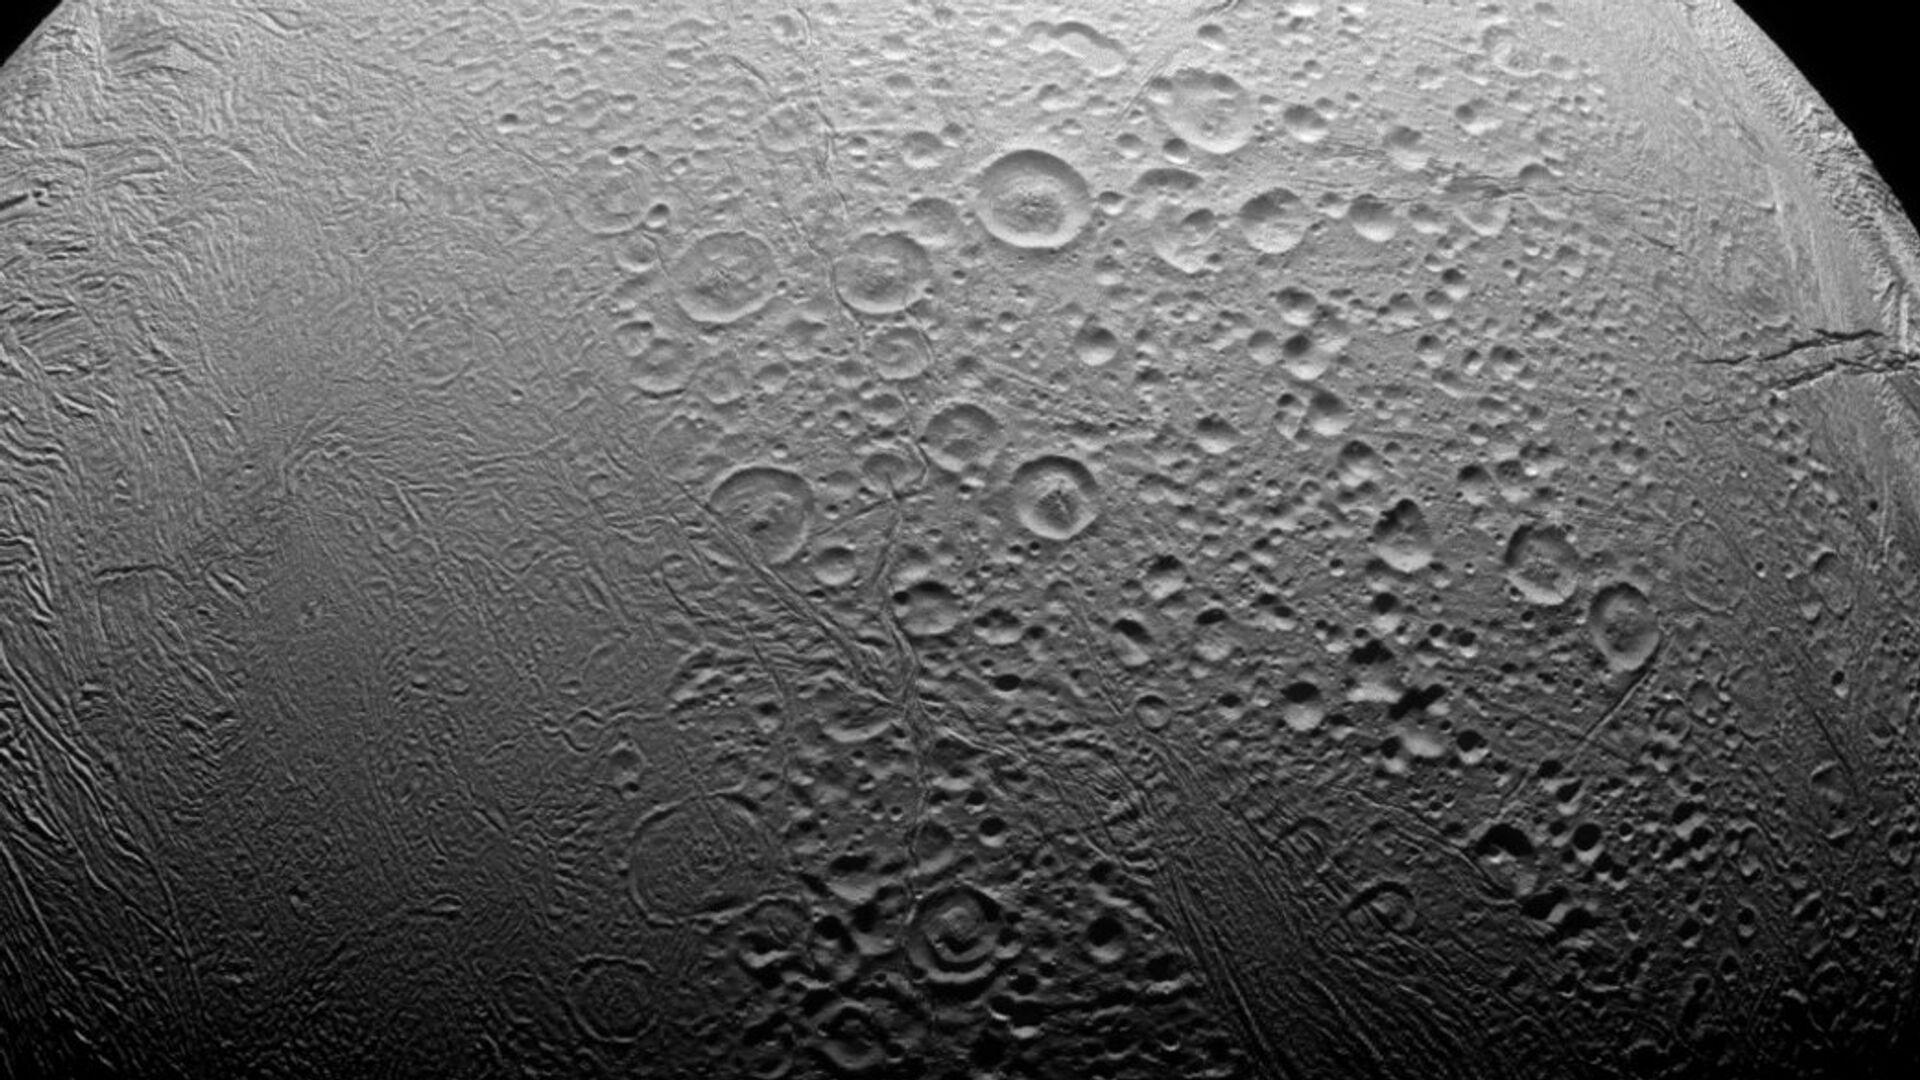 Encélado, satélite de Saturno - Sputnik Mundo, 1920, 27.03.2021